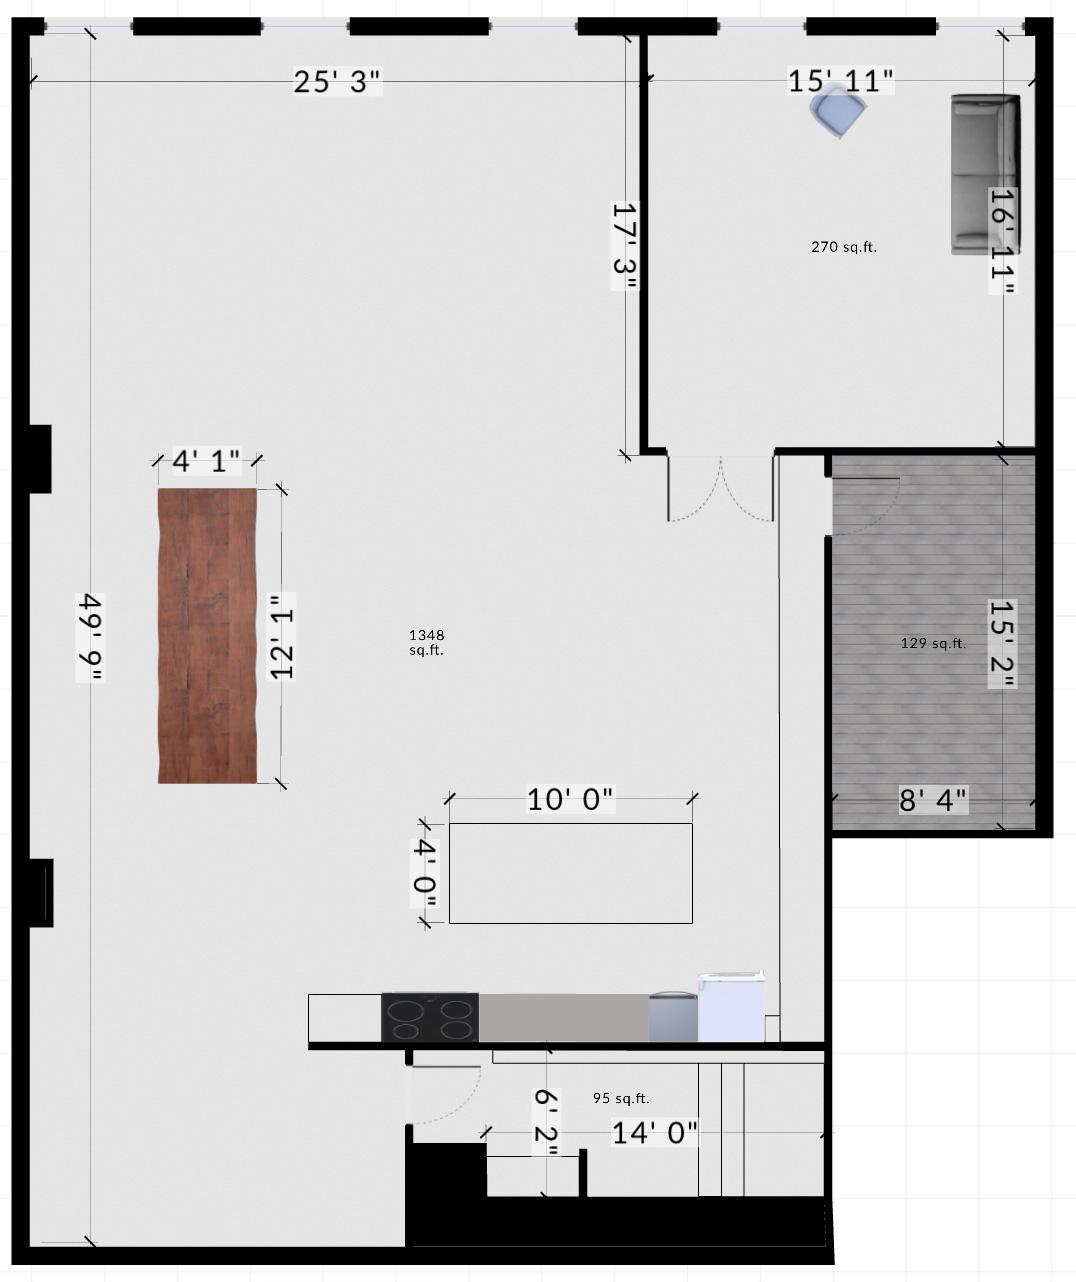 rype_floorplan.jpg